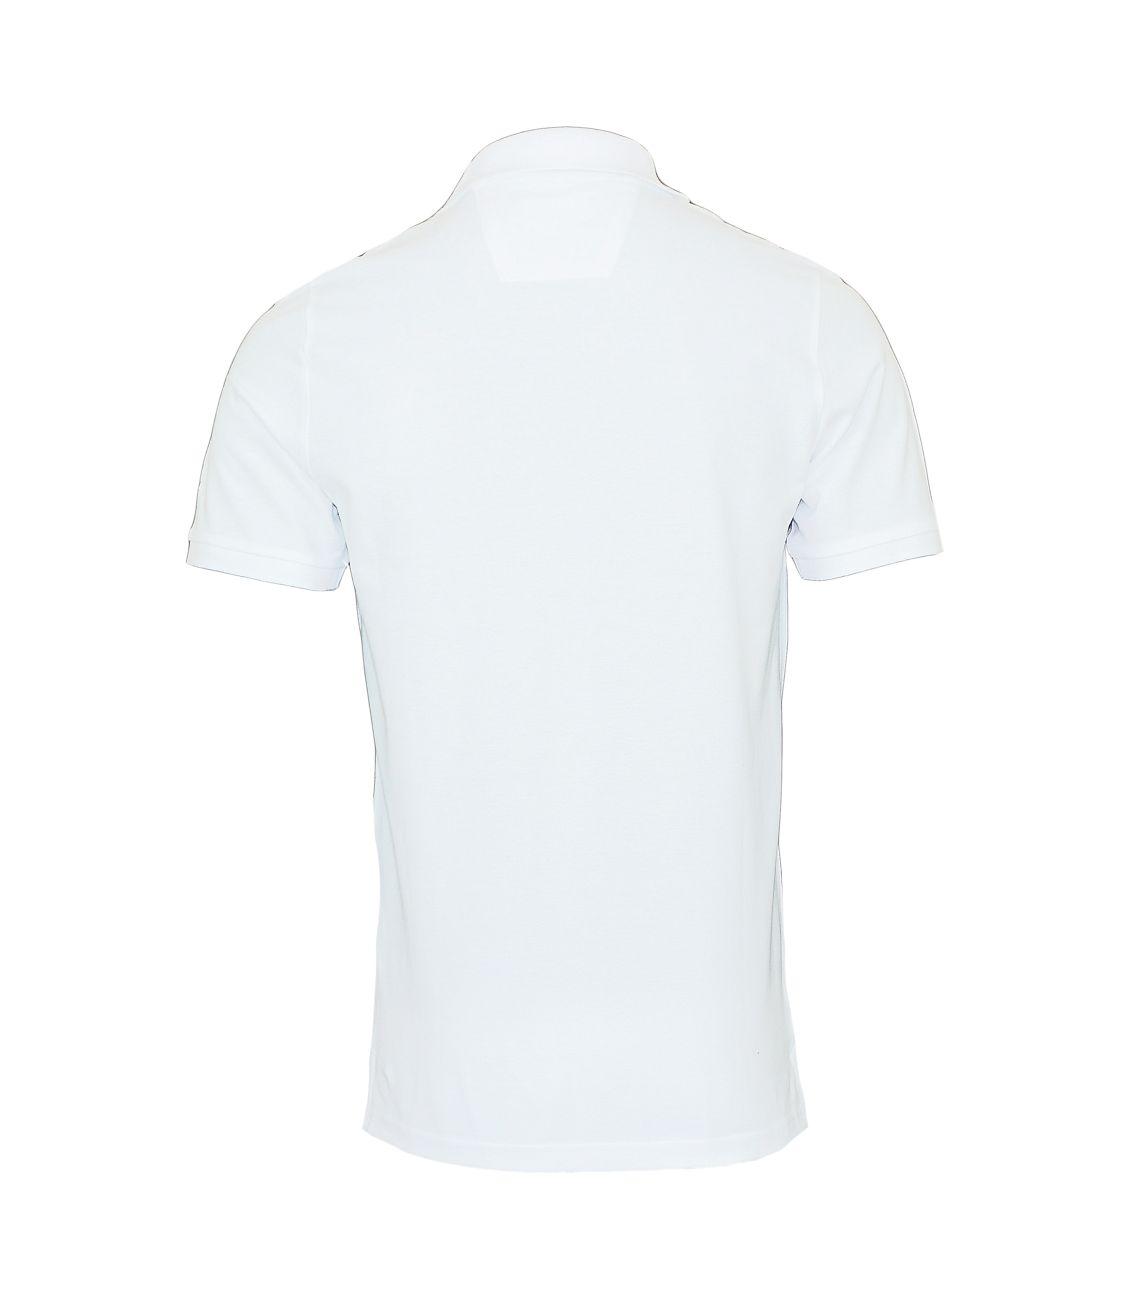 Daniel Hechter Poloshirt Polohemd 75021 181921 10 weiß F18-DHP1